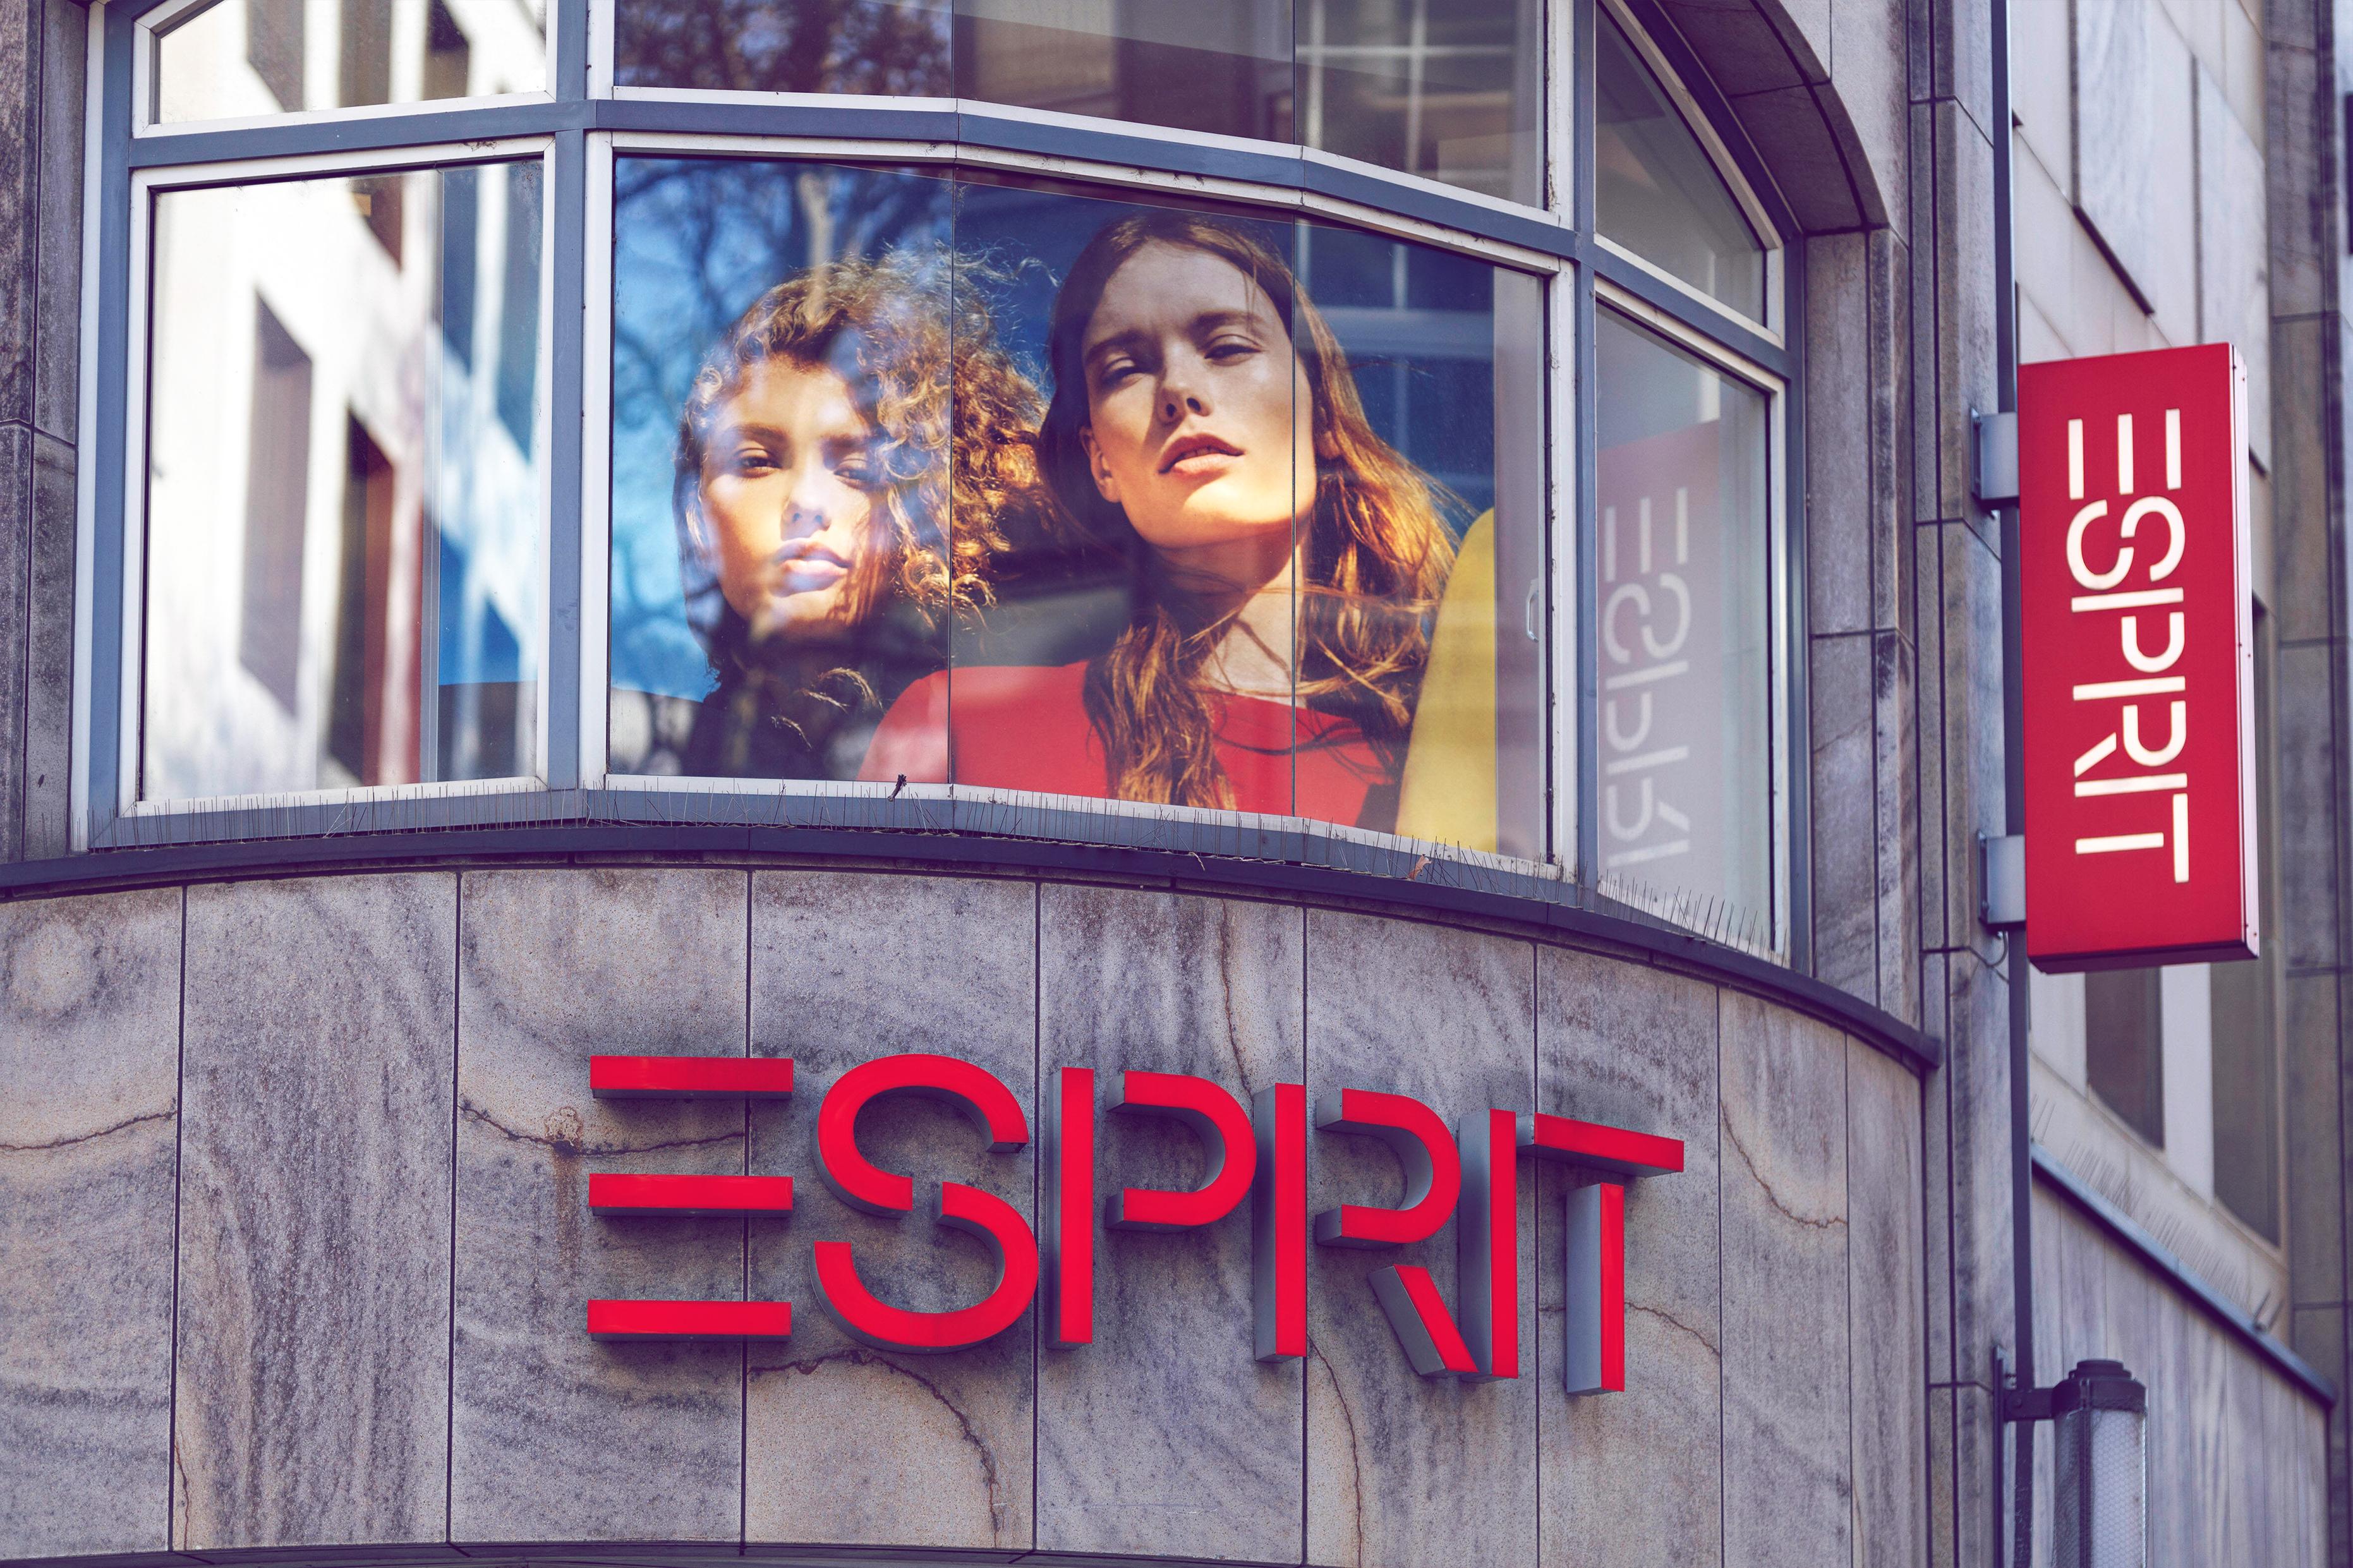 Esprit schließt die Hälfte seiner Filialen in Deutschland | desired.de